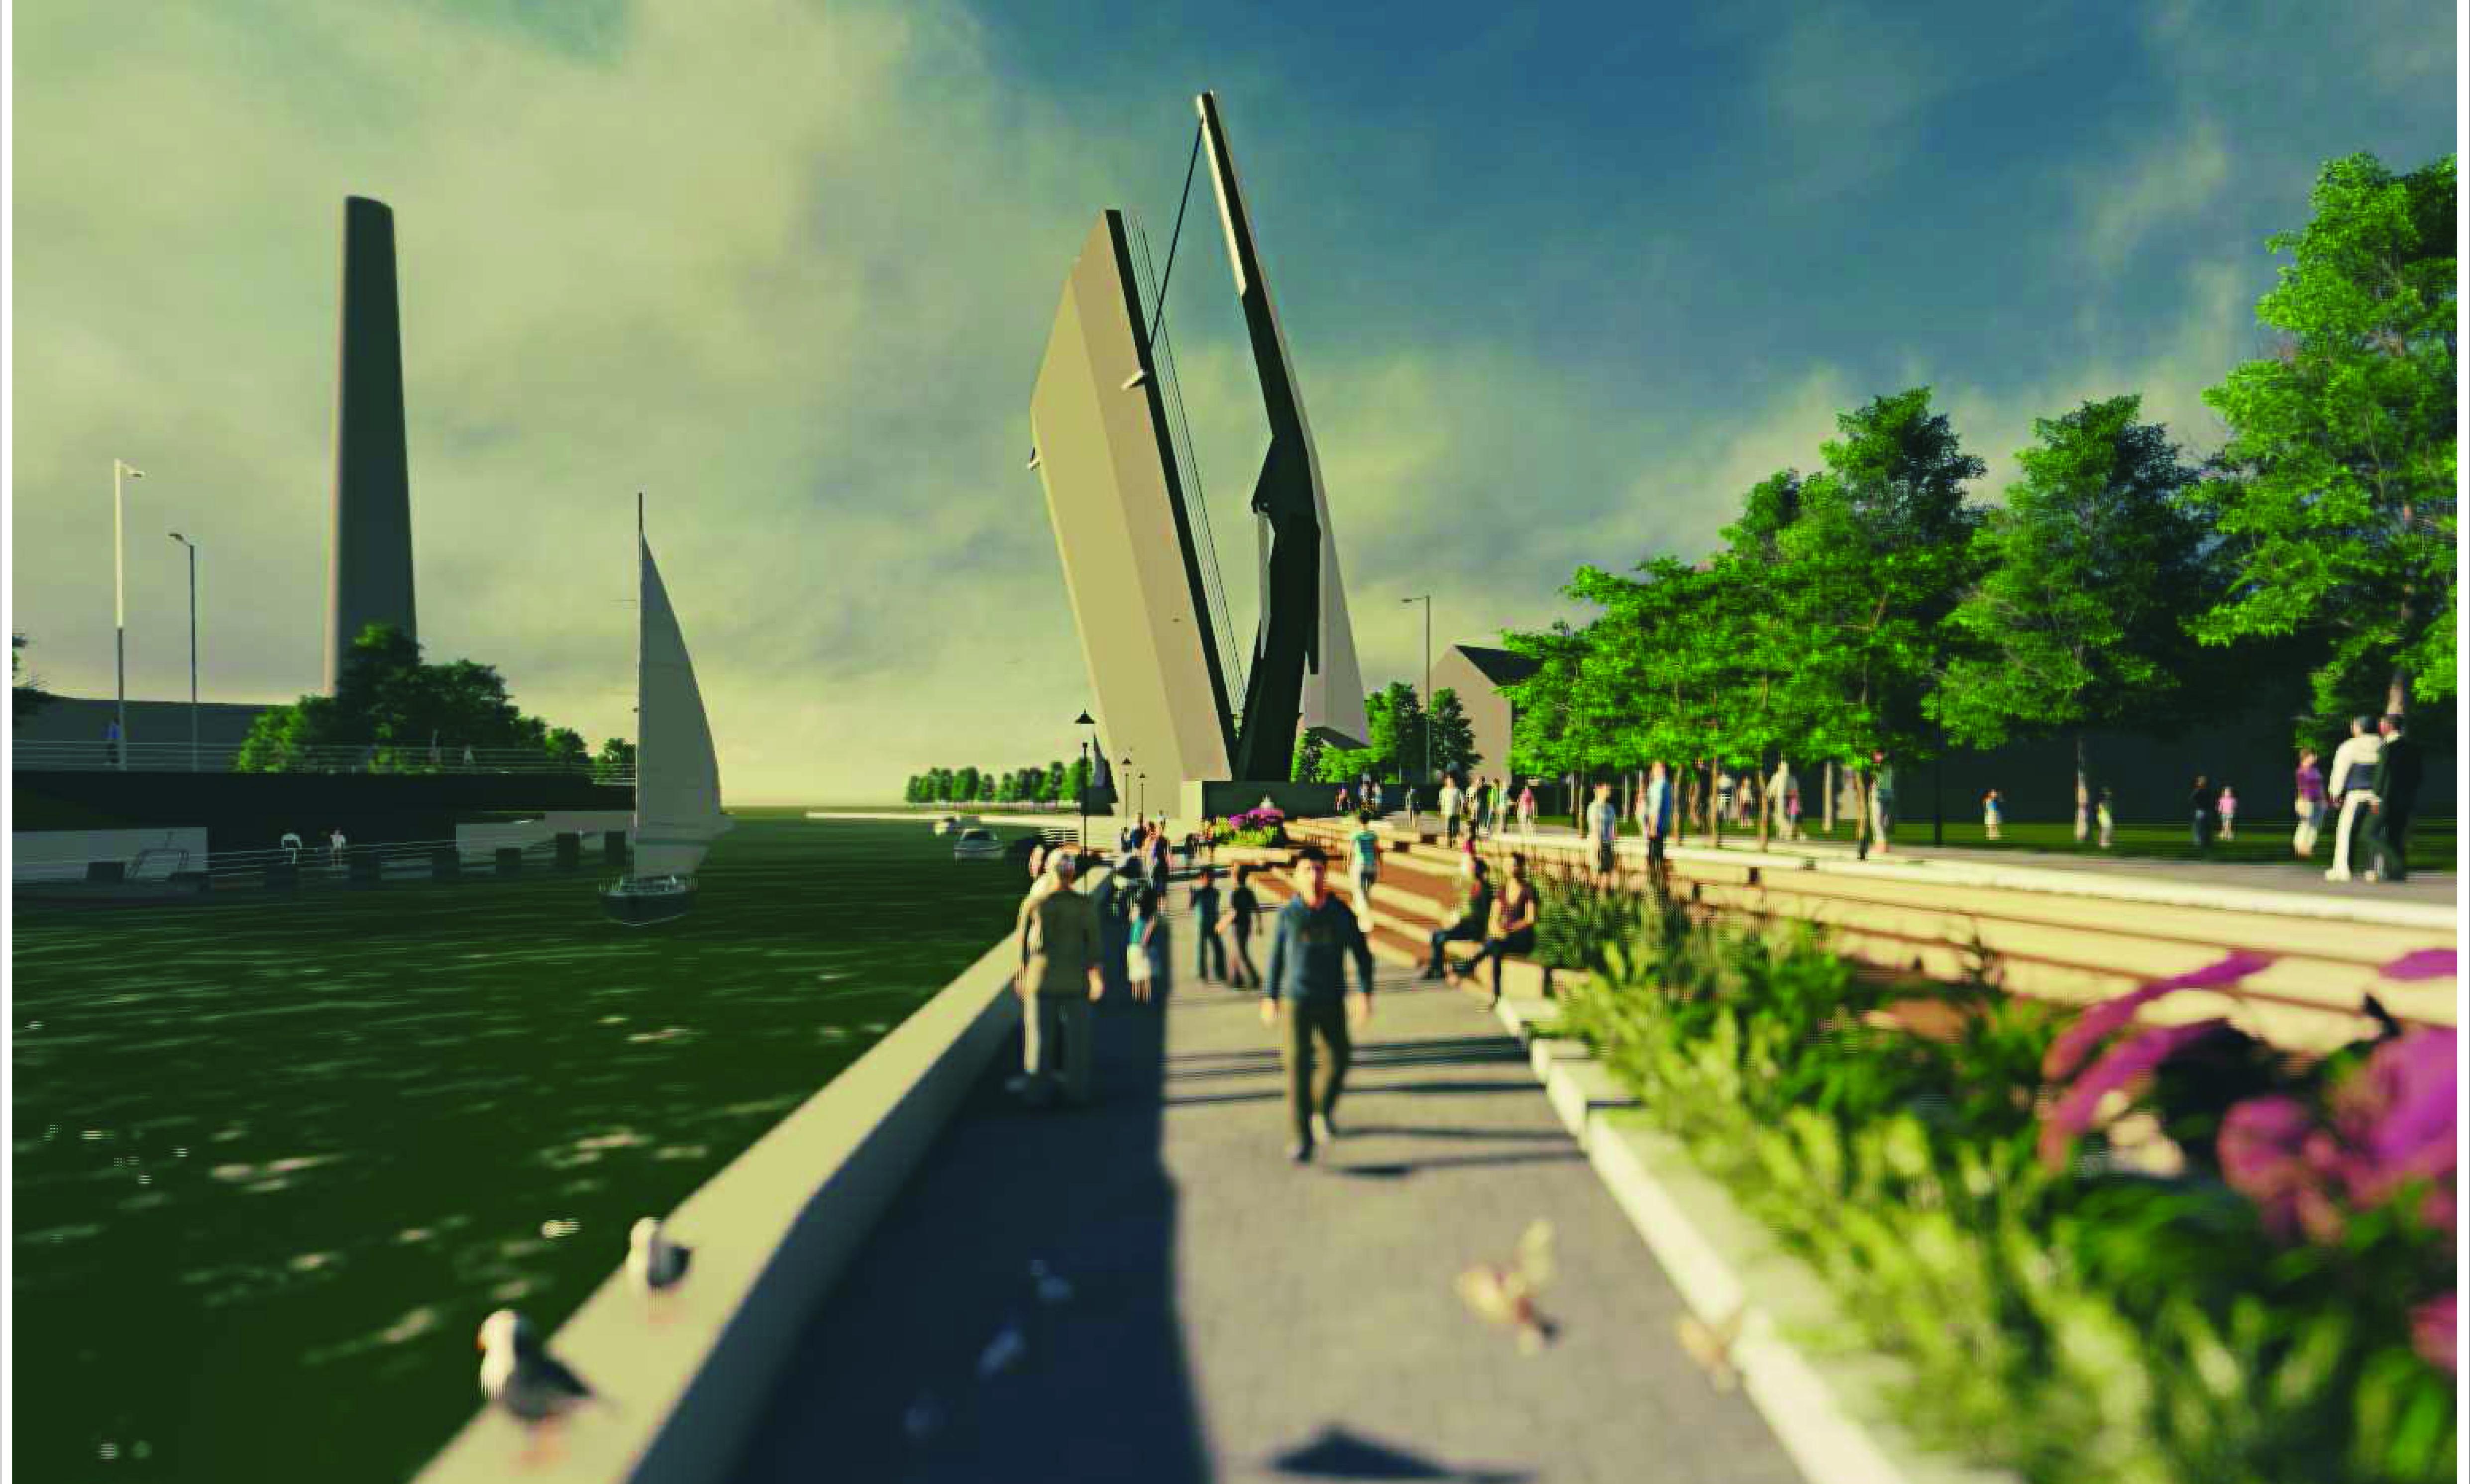 Цена гигантского преданного забвению моста Бастиону — более 600 тыс. евро